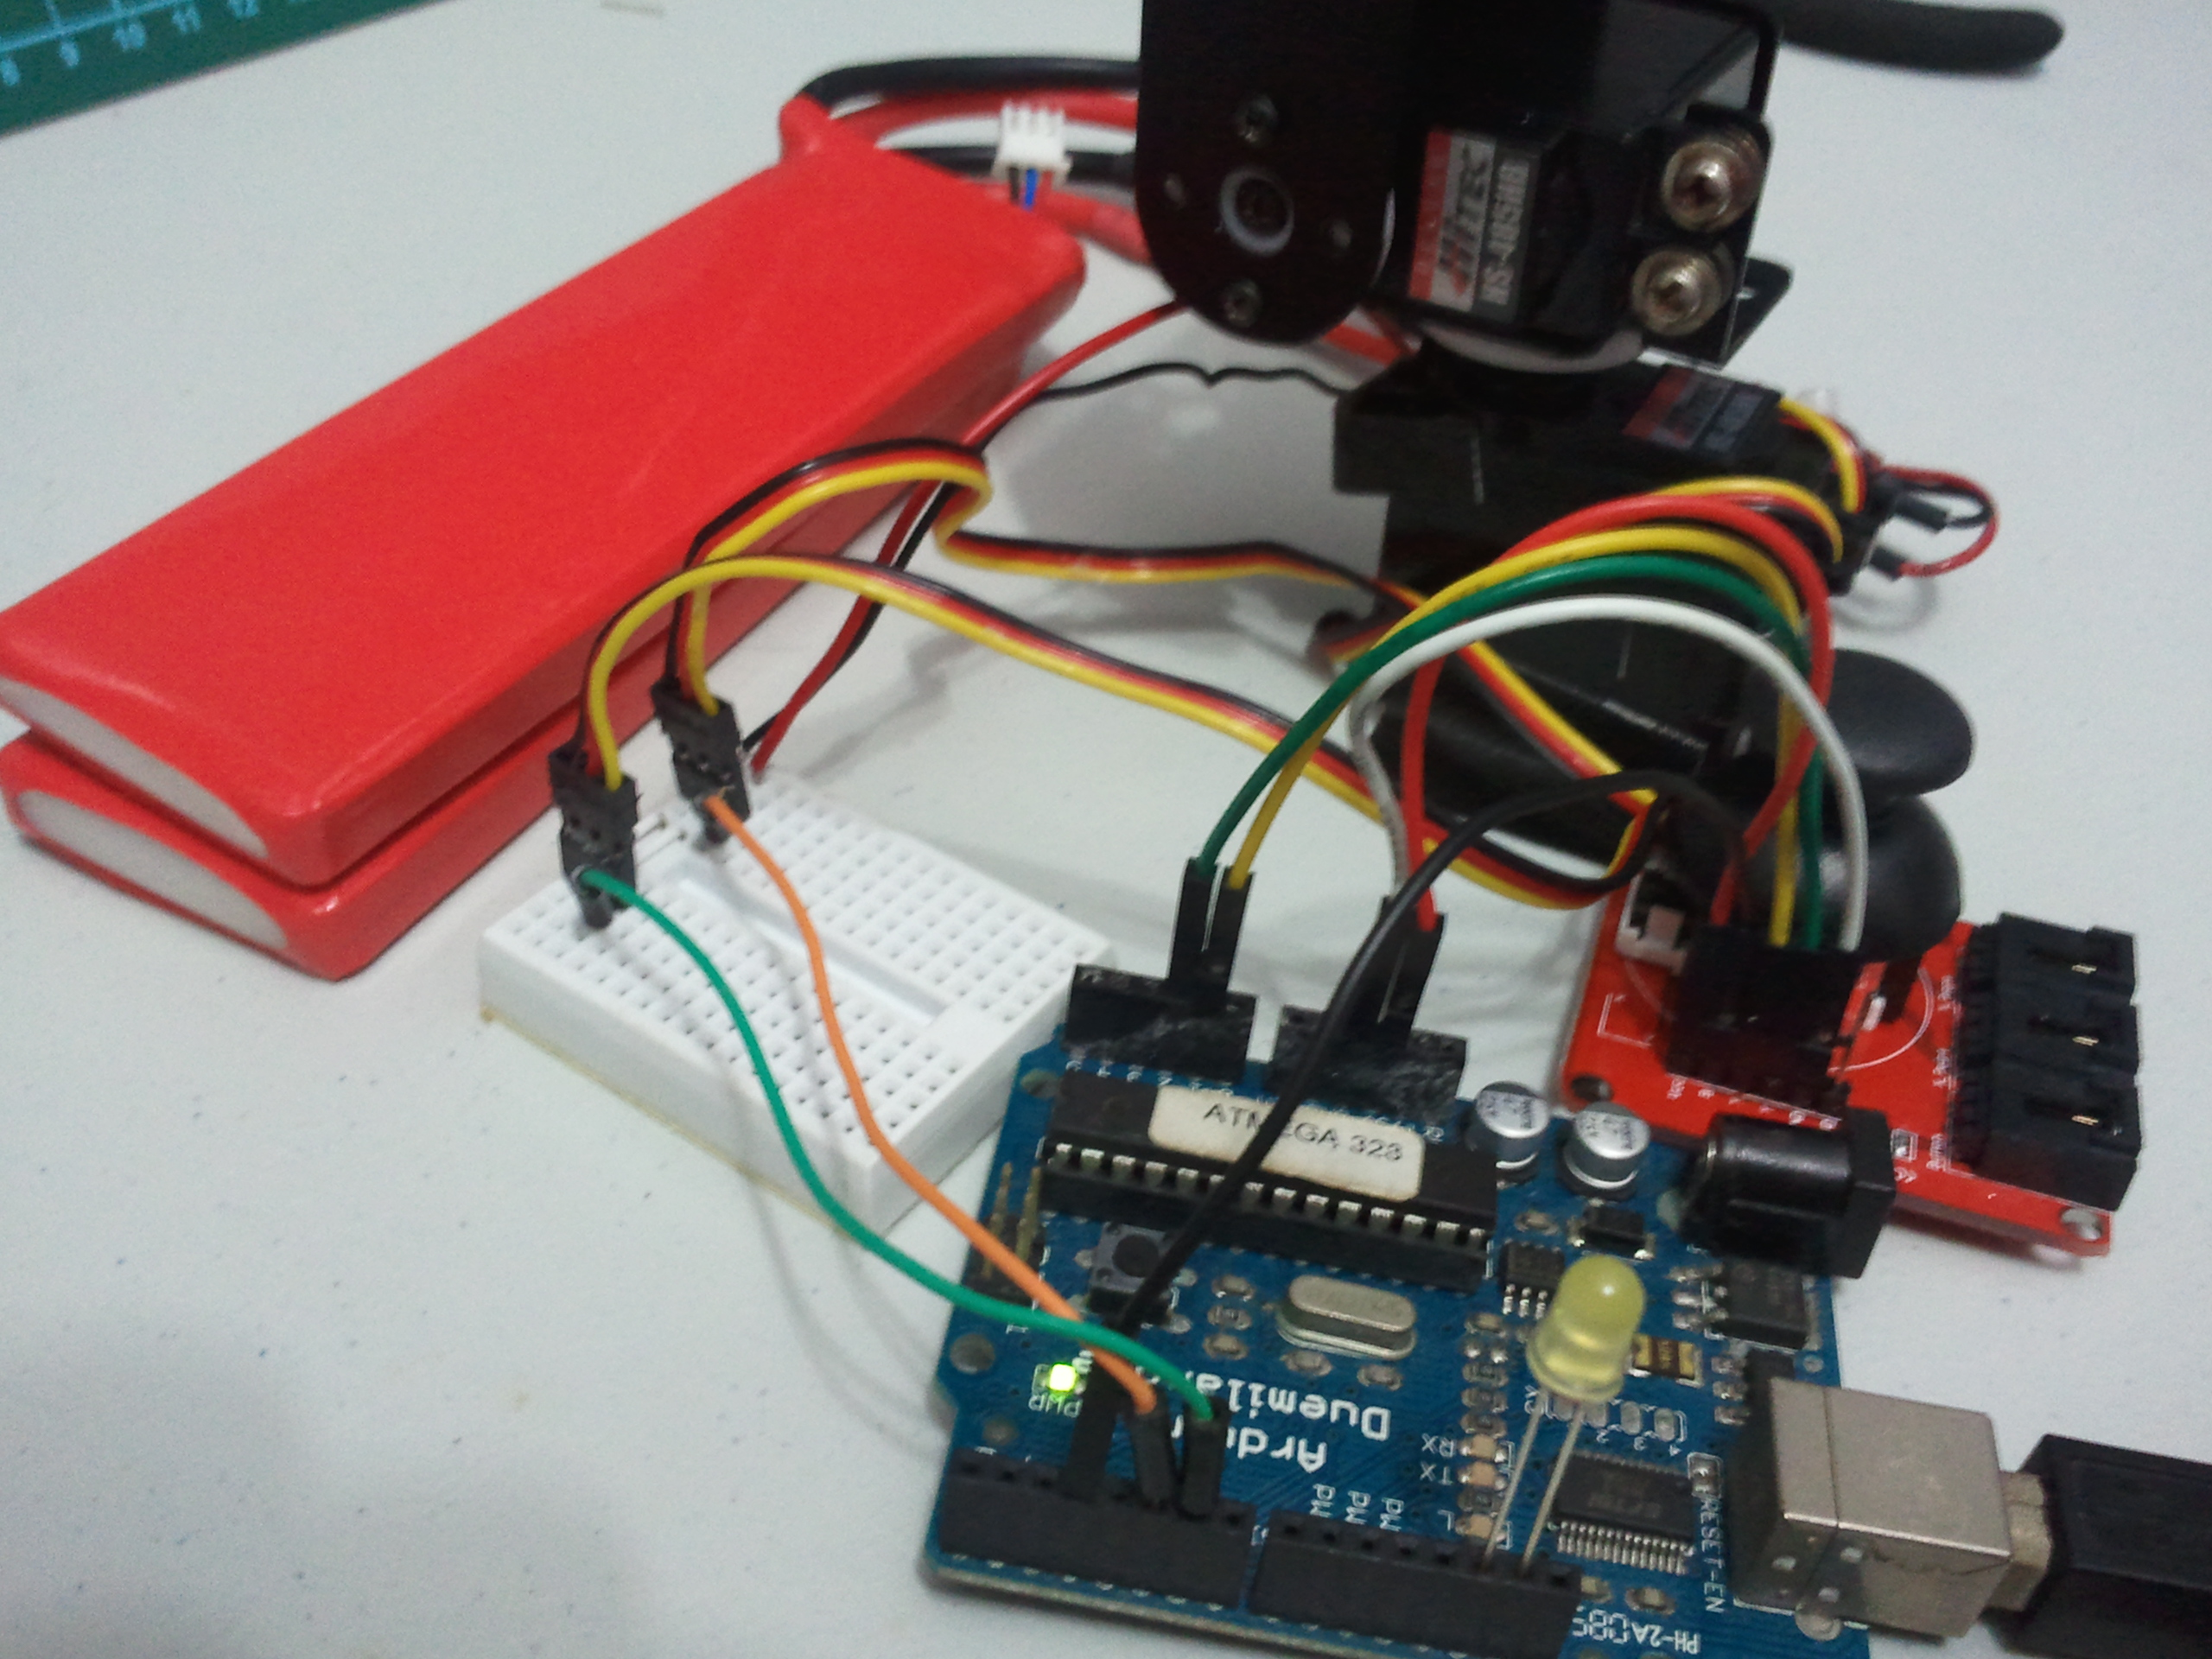 Arduino Servo Dual Mode Control - Pan/Tilt with Joystick